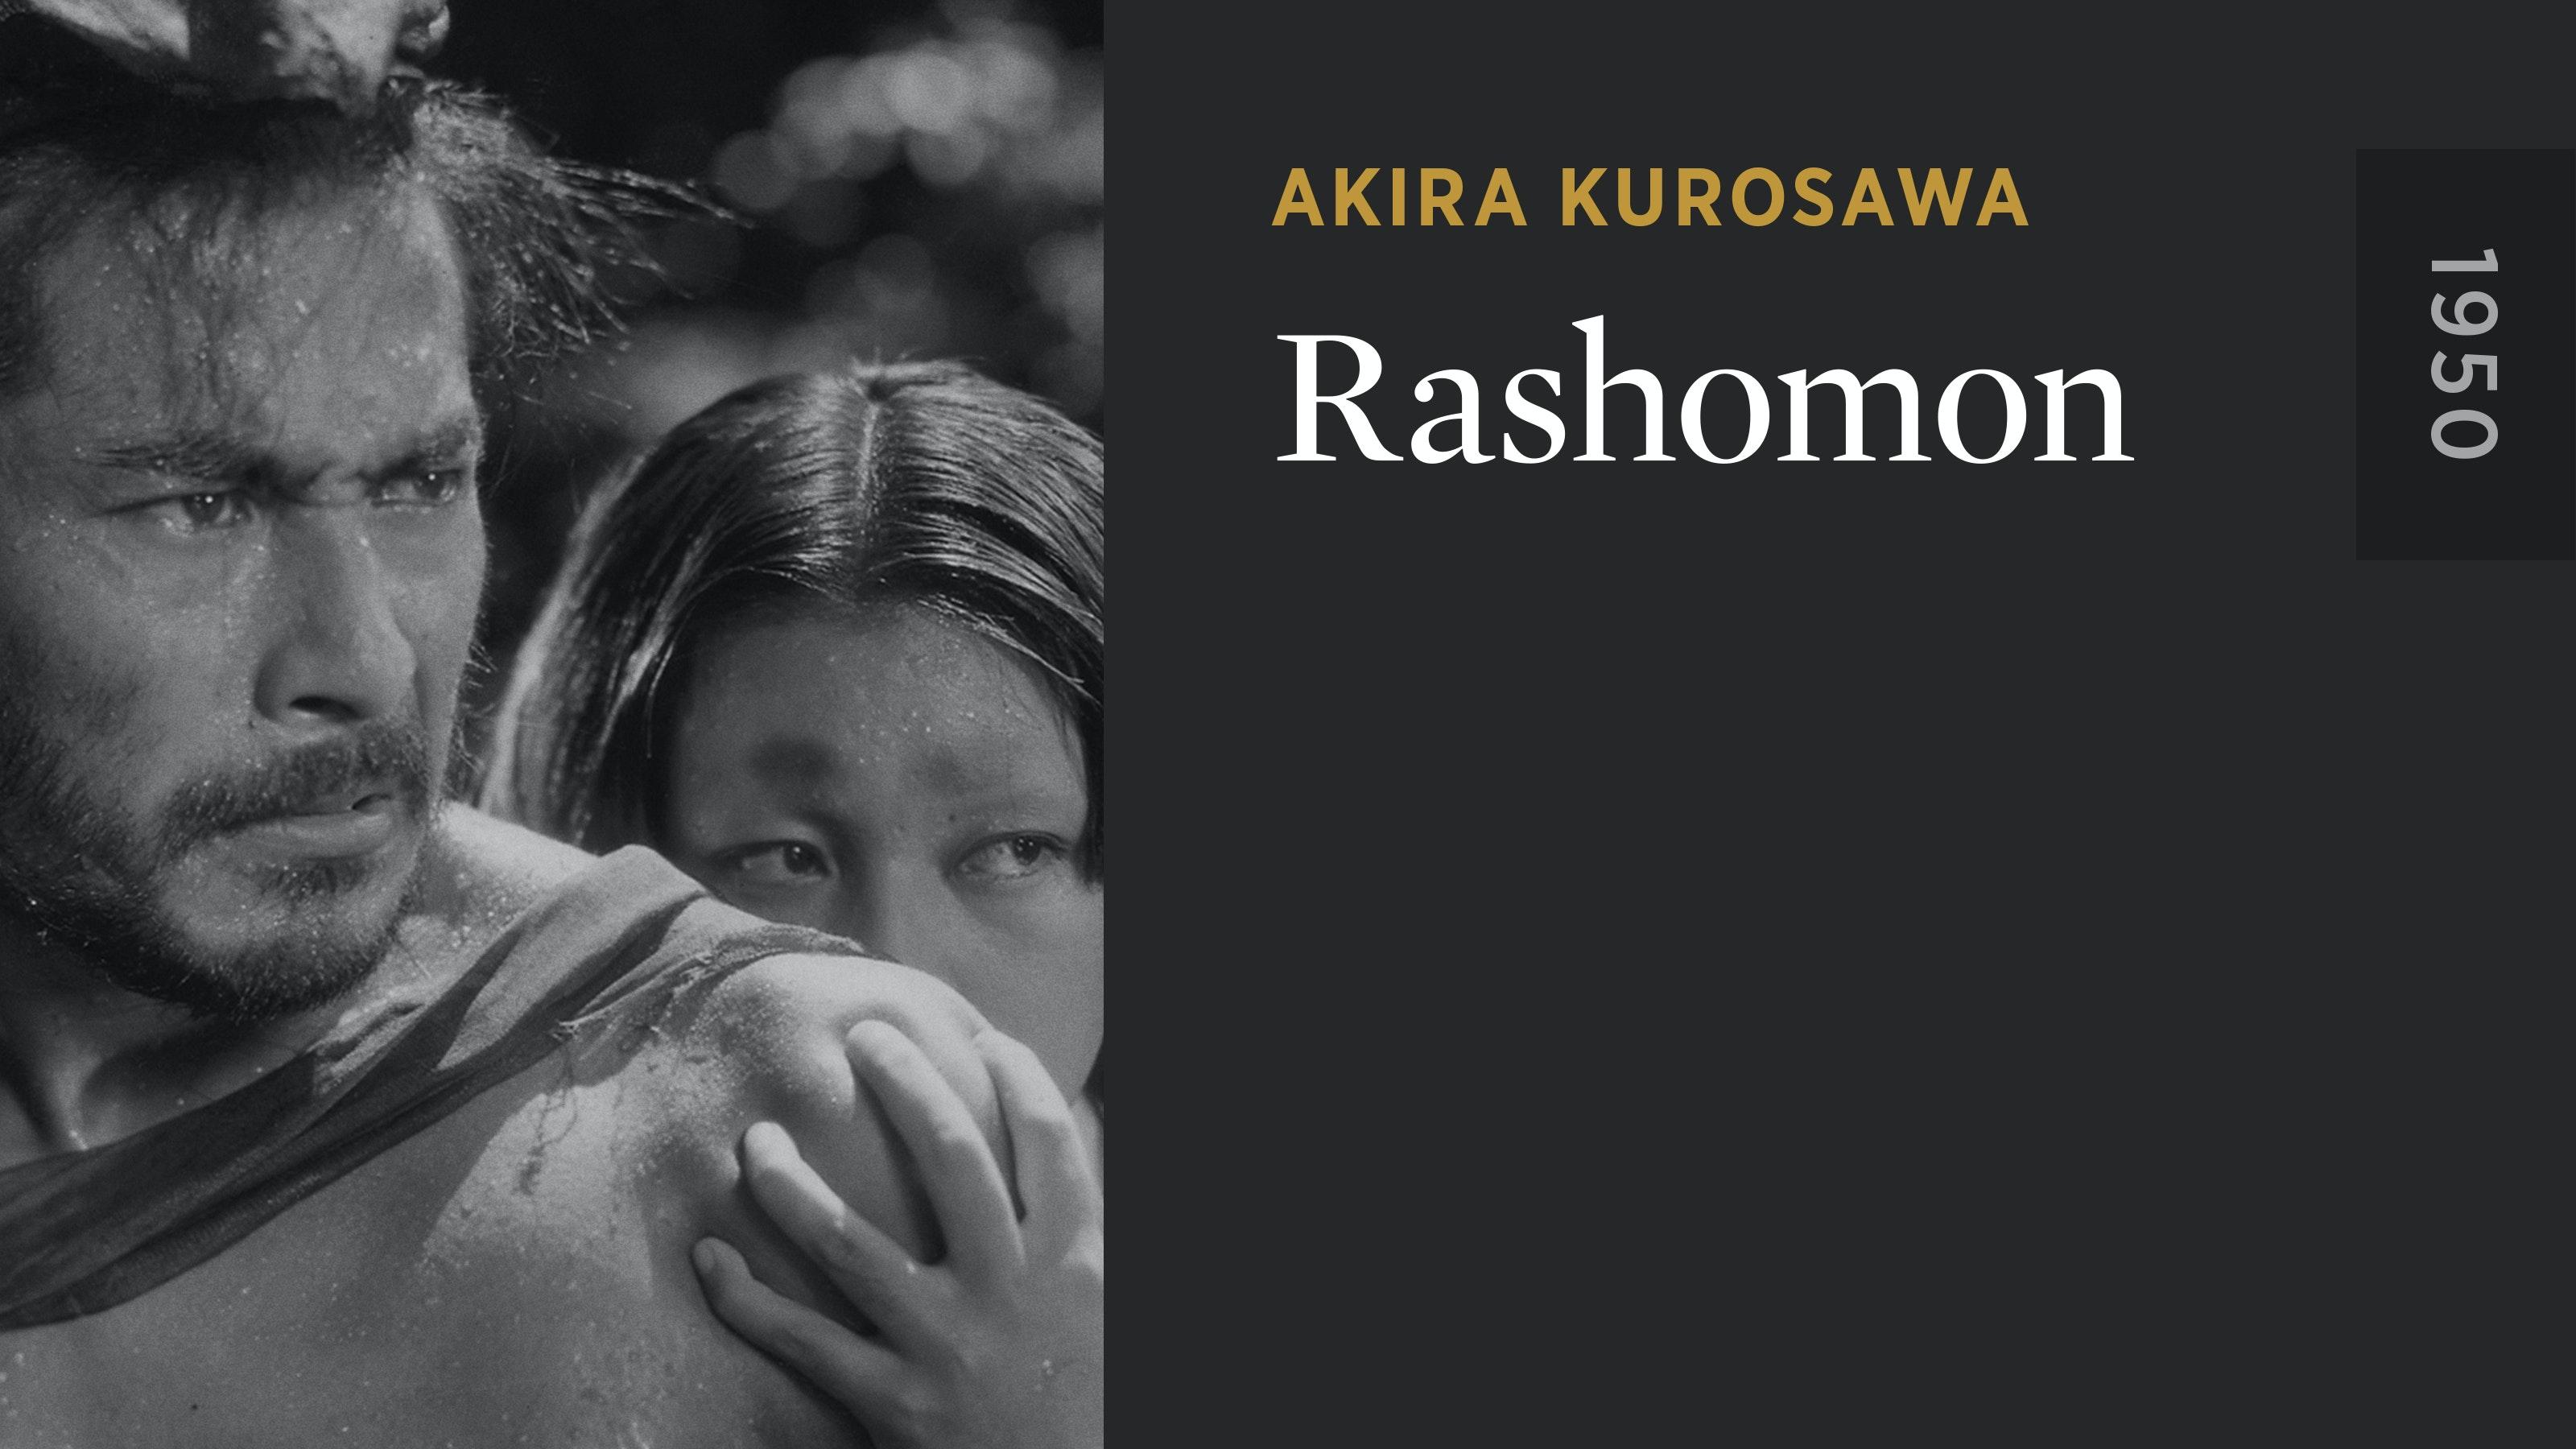 akira kurosawa about